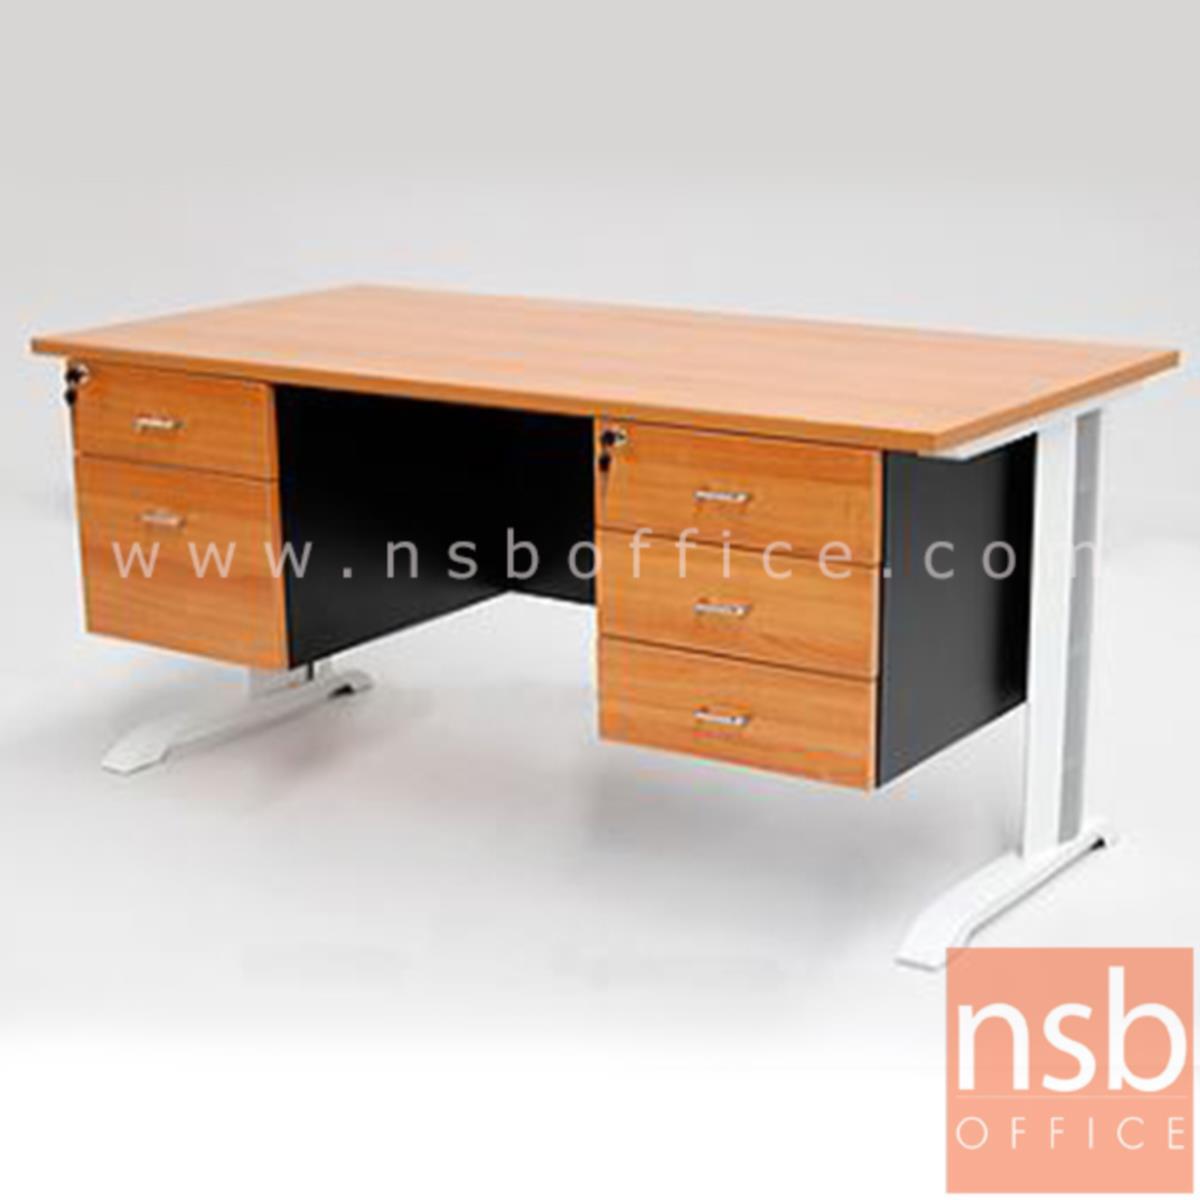 โต๊ะทำงาน 5 ลิ้นชักข้าง รุ่น Dempsey (เดมป์ซีย์) ขนาด 150W ,165W ,180W (*60D,75D) cm.  เมลามีน